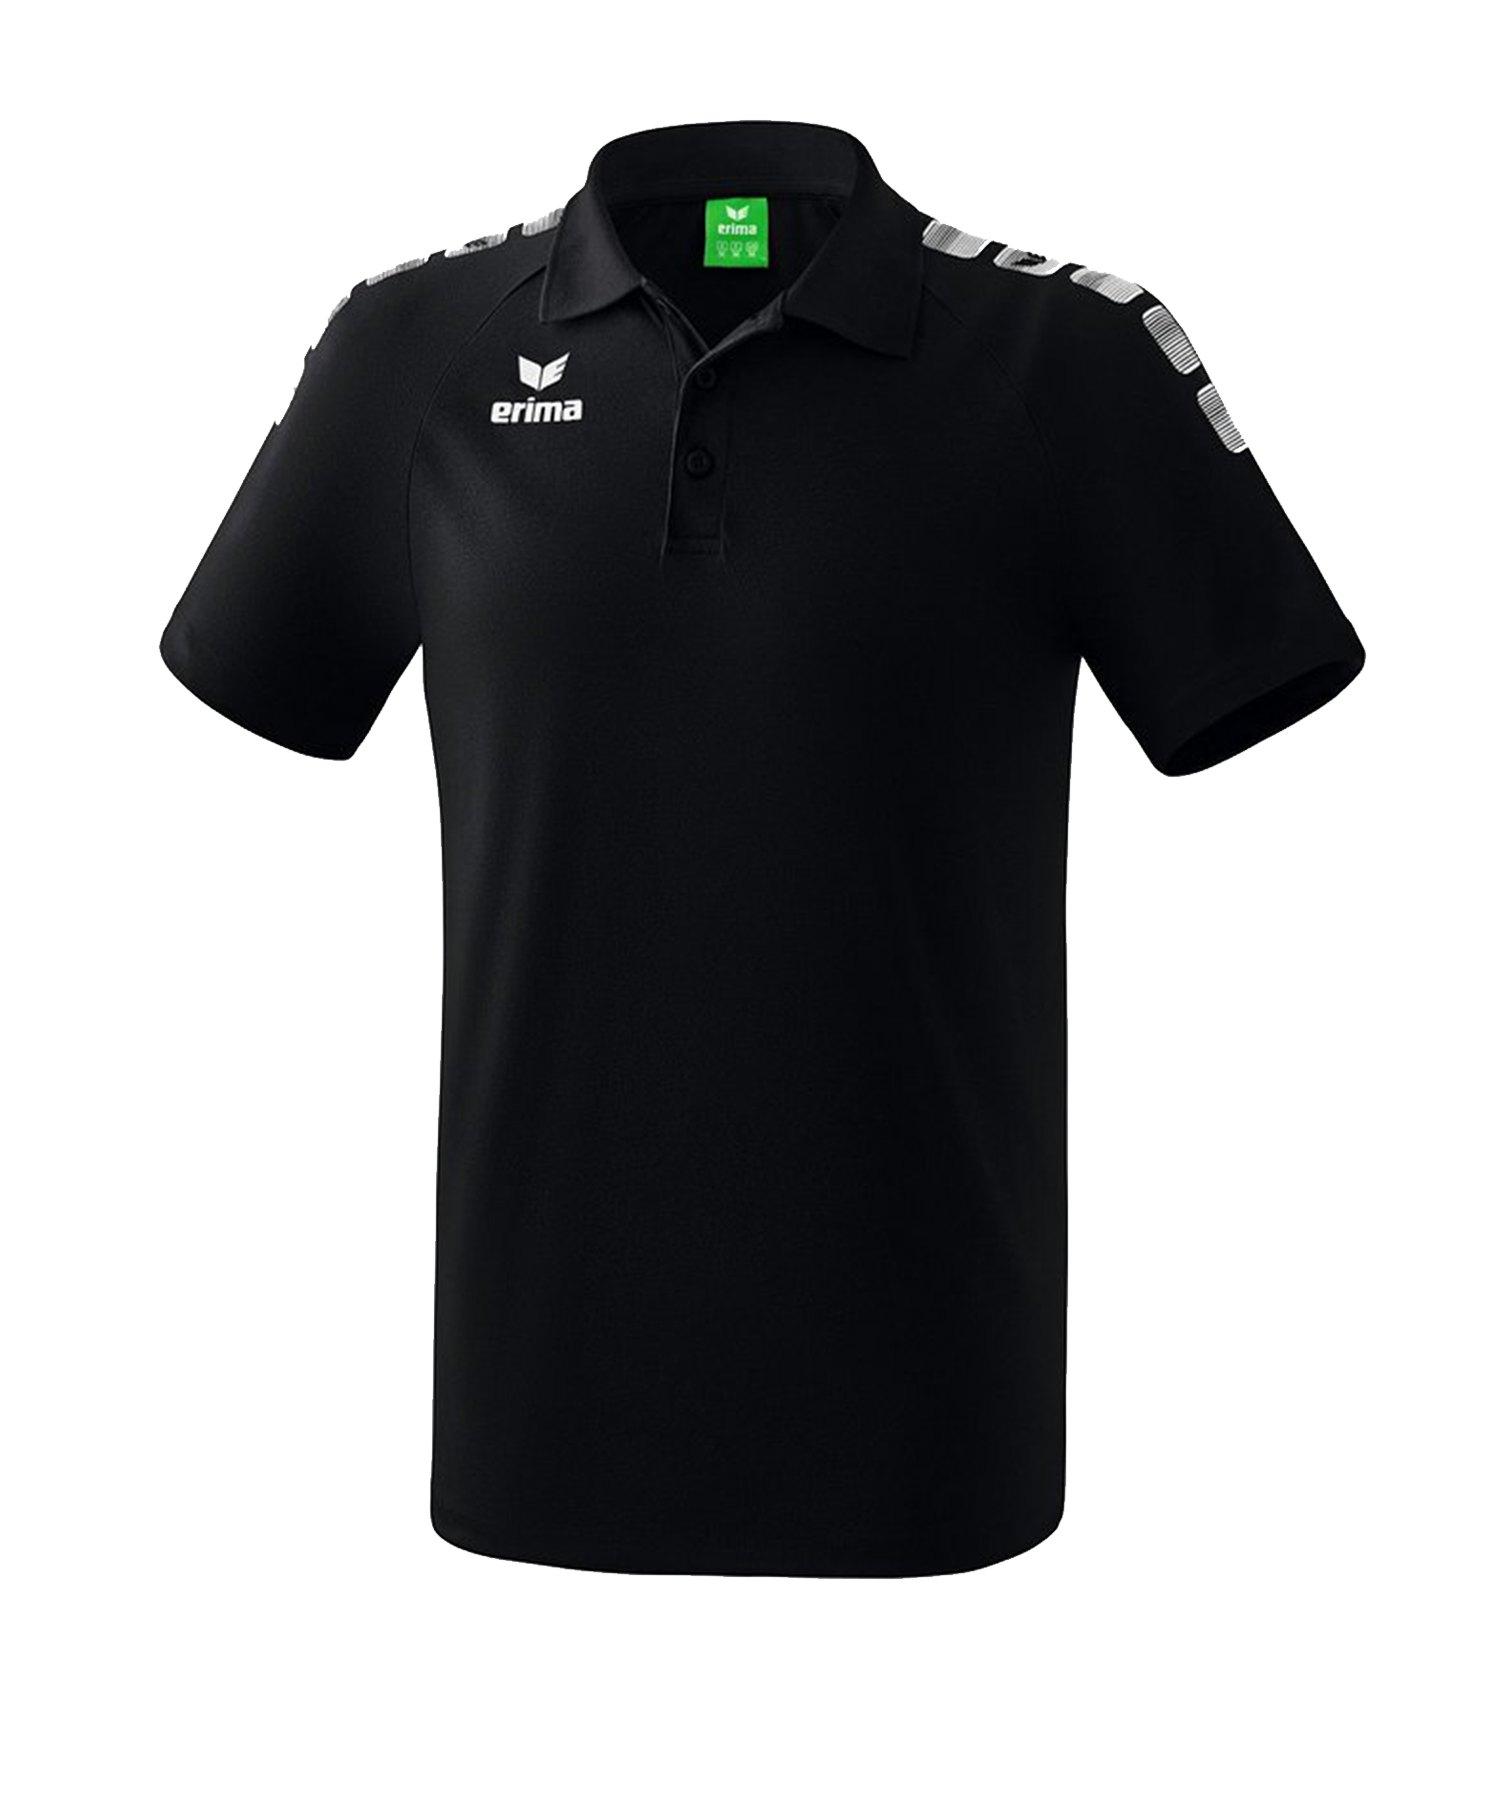 Erima Essential 5-C Poloshirt Schwarz Weiss - Schwarz